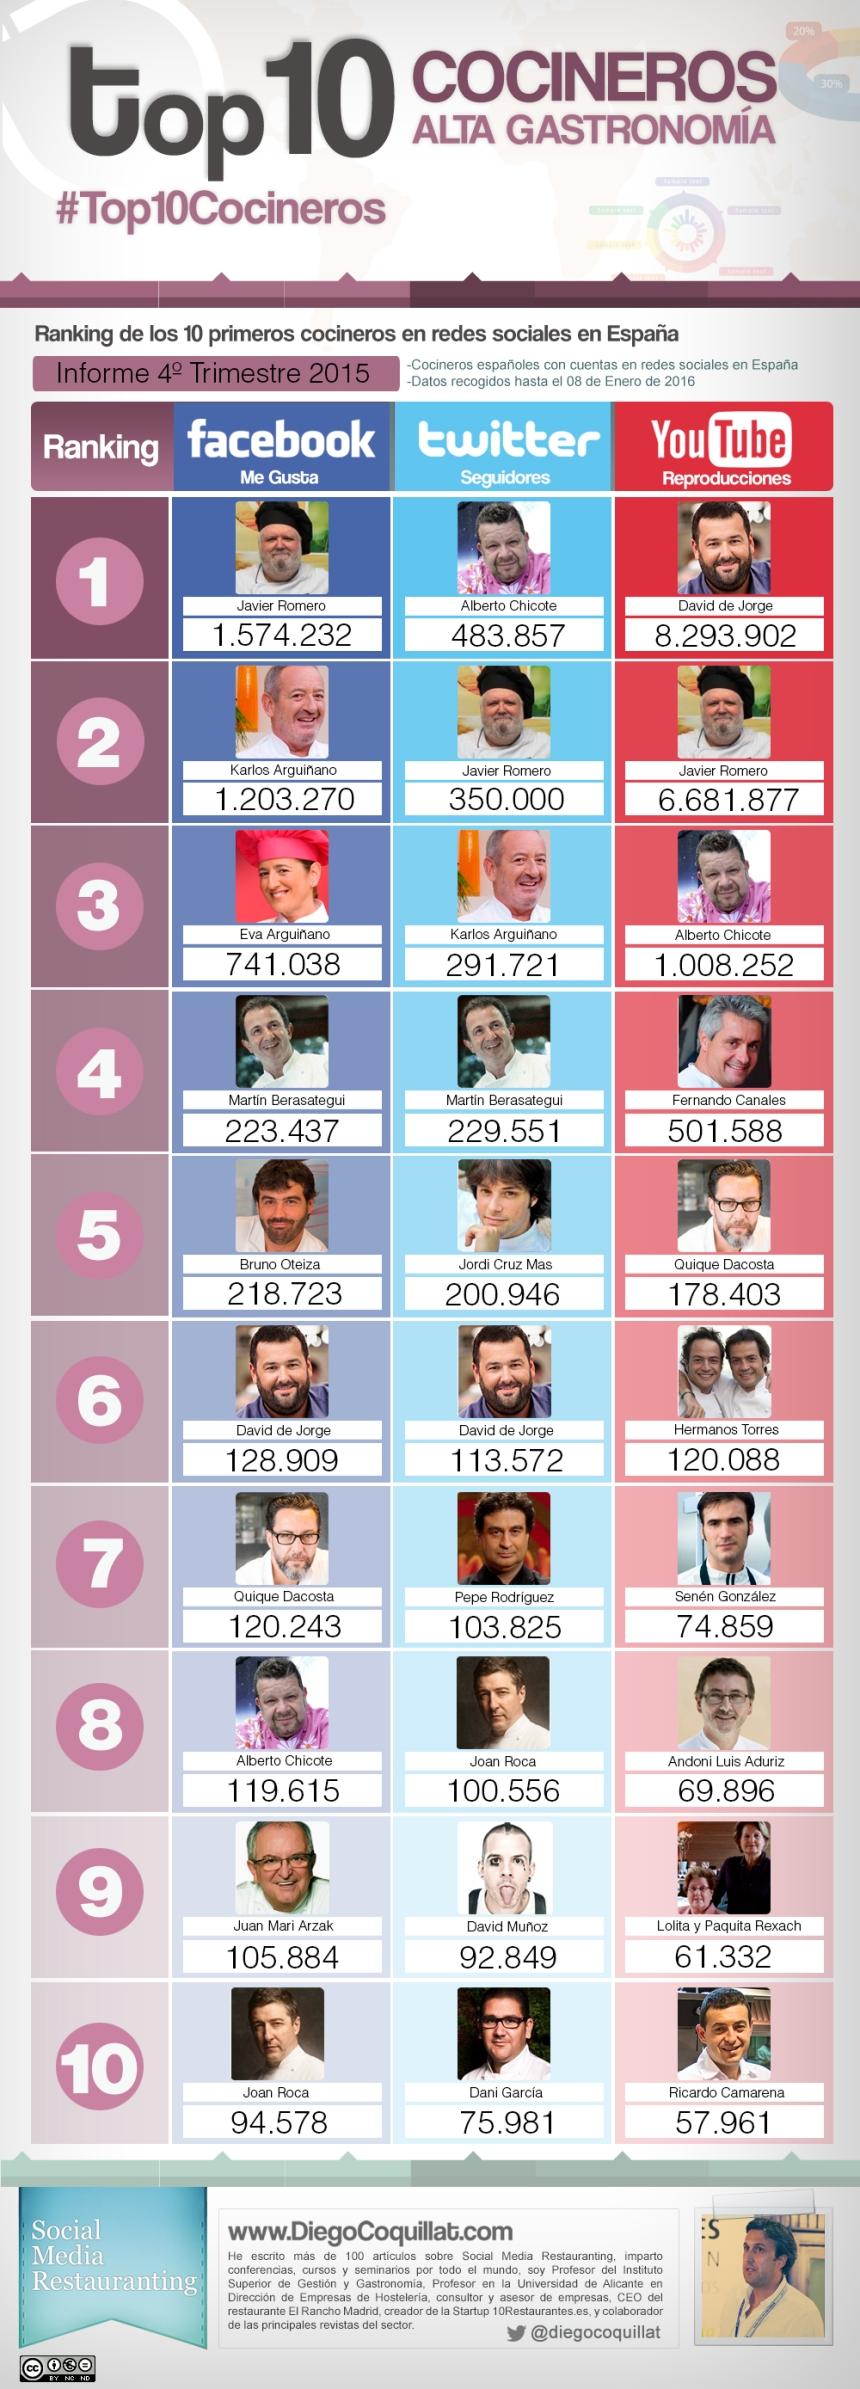 Top 10 cocineros en Redes Sociales (España 4T/2015)